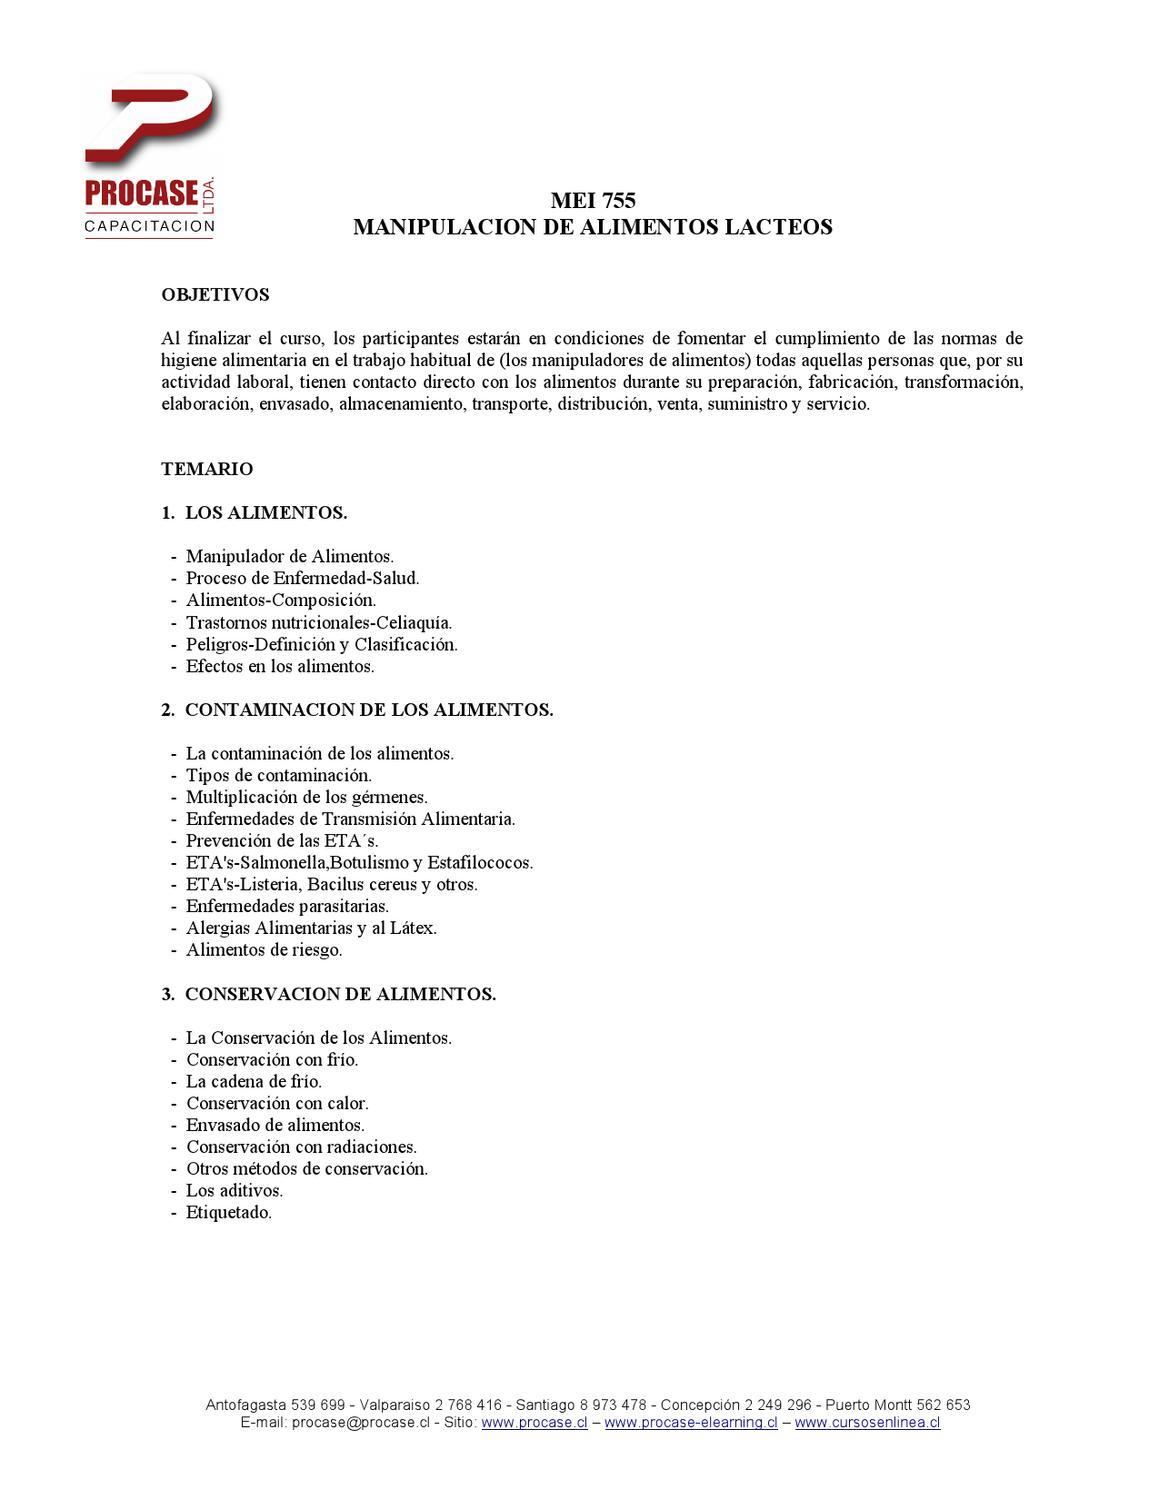 Curso mei 755 manipulaci n de alimentos lacteos by procase capacitaci n ltda issuu - Temario curso manipulador de alimentos ...